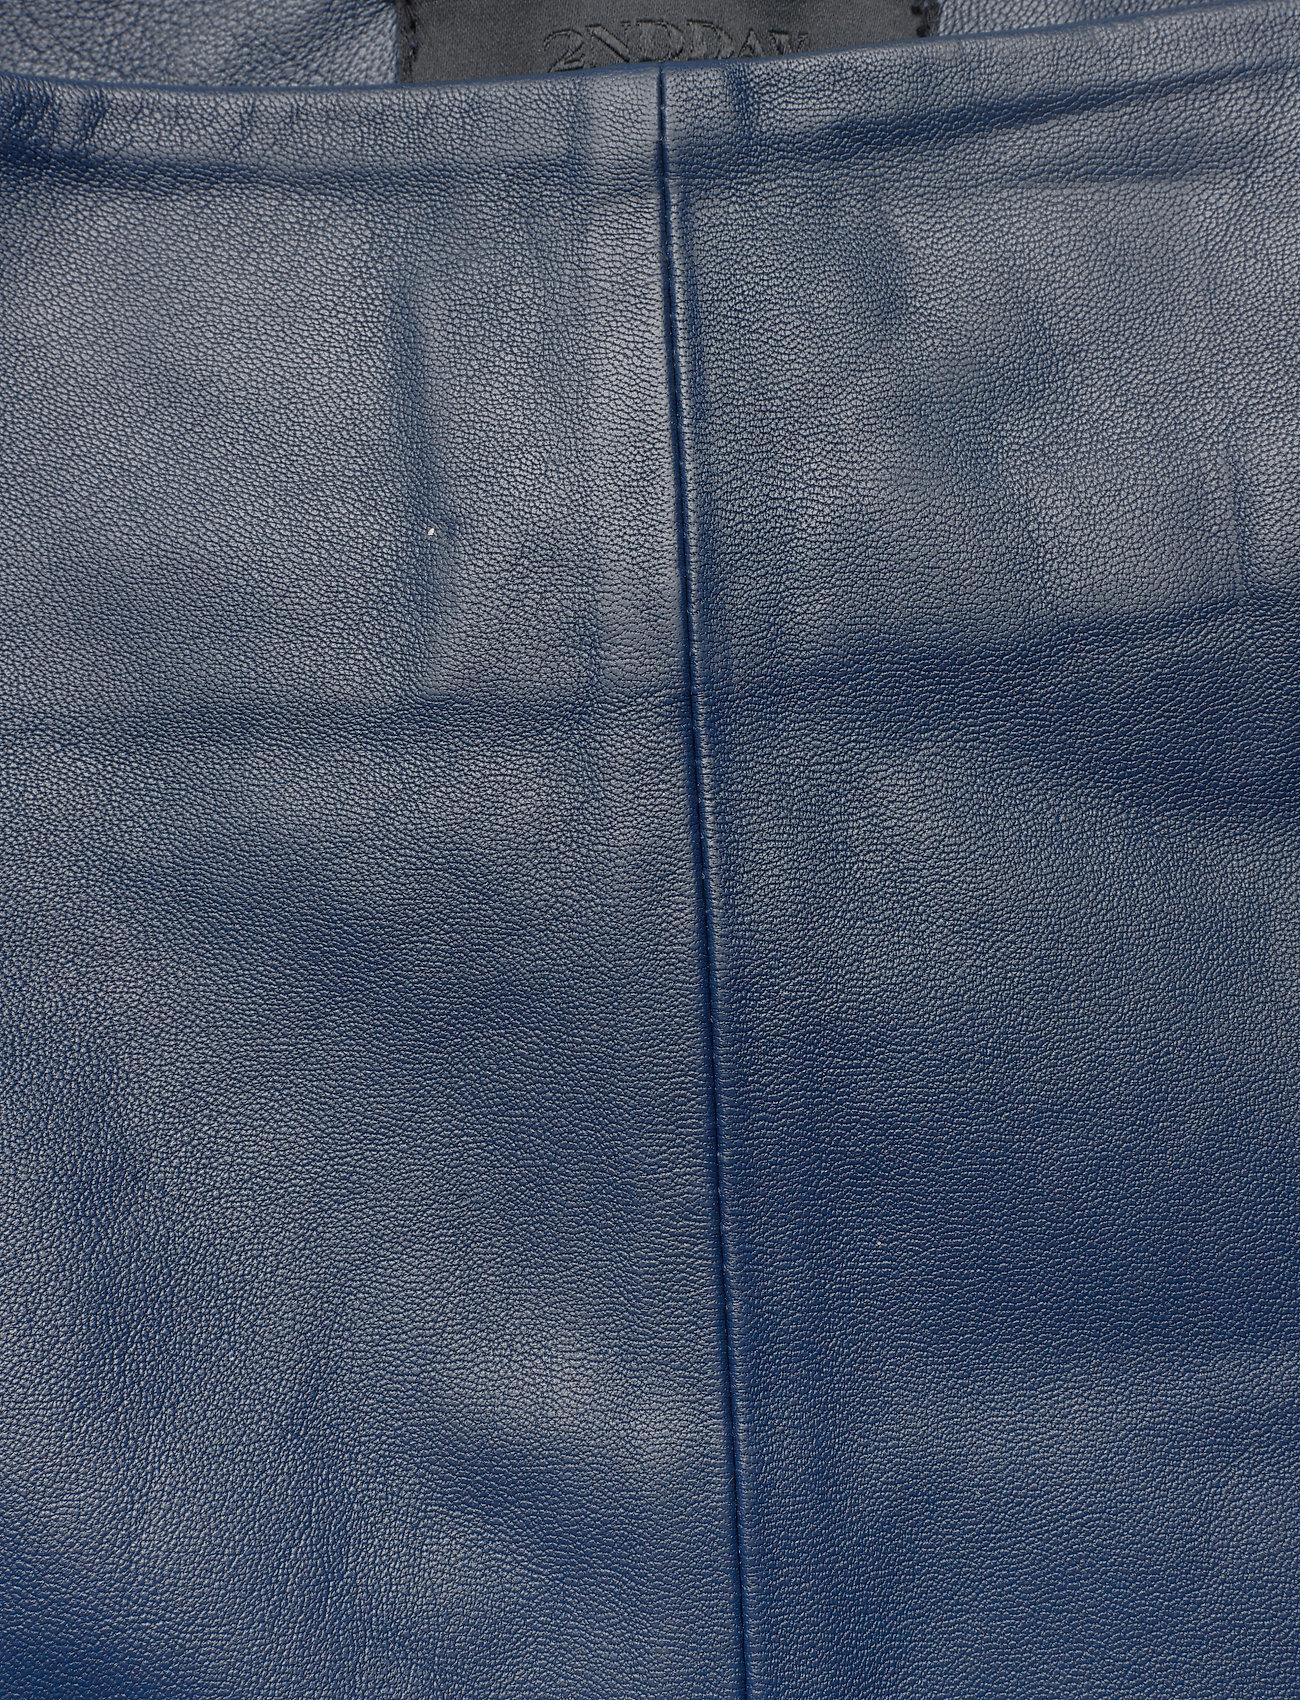 2nd Ceciliametal 2nd Ceciliametal Ceciliametal Blue2ndday Blue2ndday 2nd Blue2ndday 2nd Blue2ndday 2nd Ceciliametal SqpVLUzMG